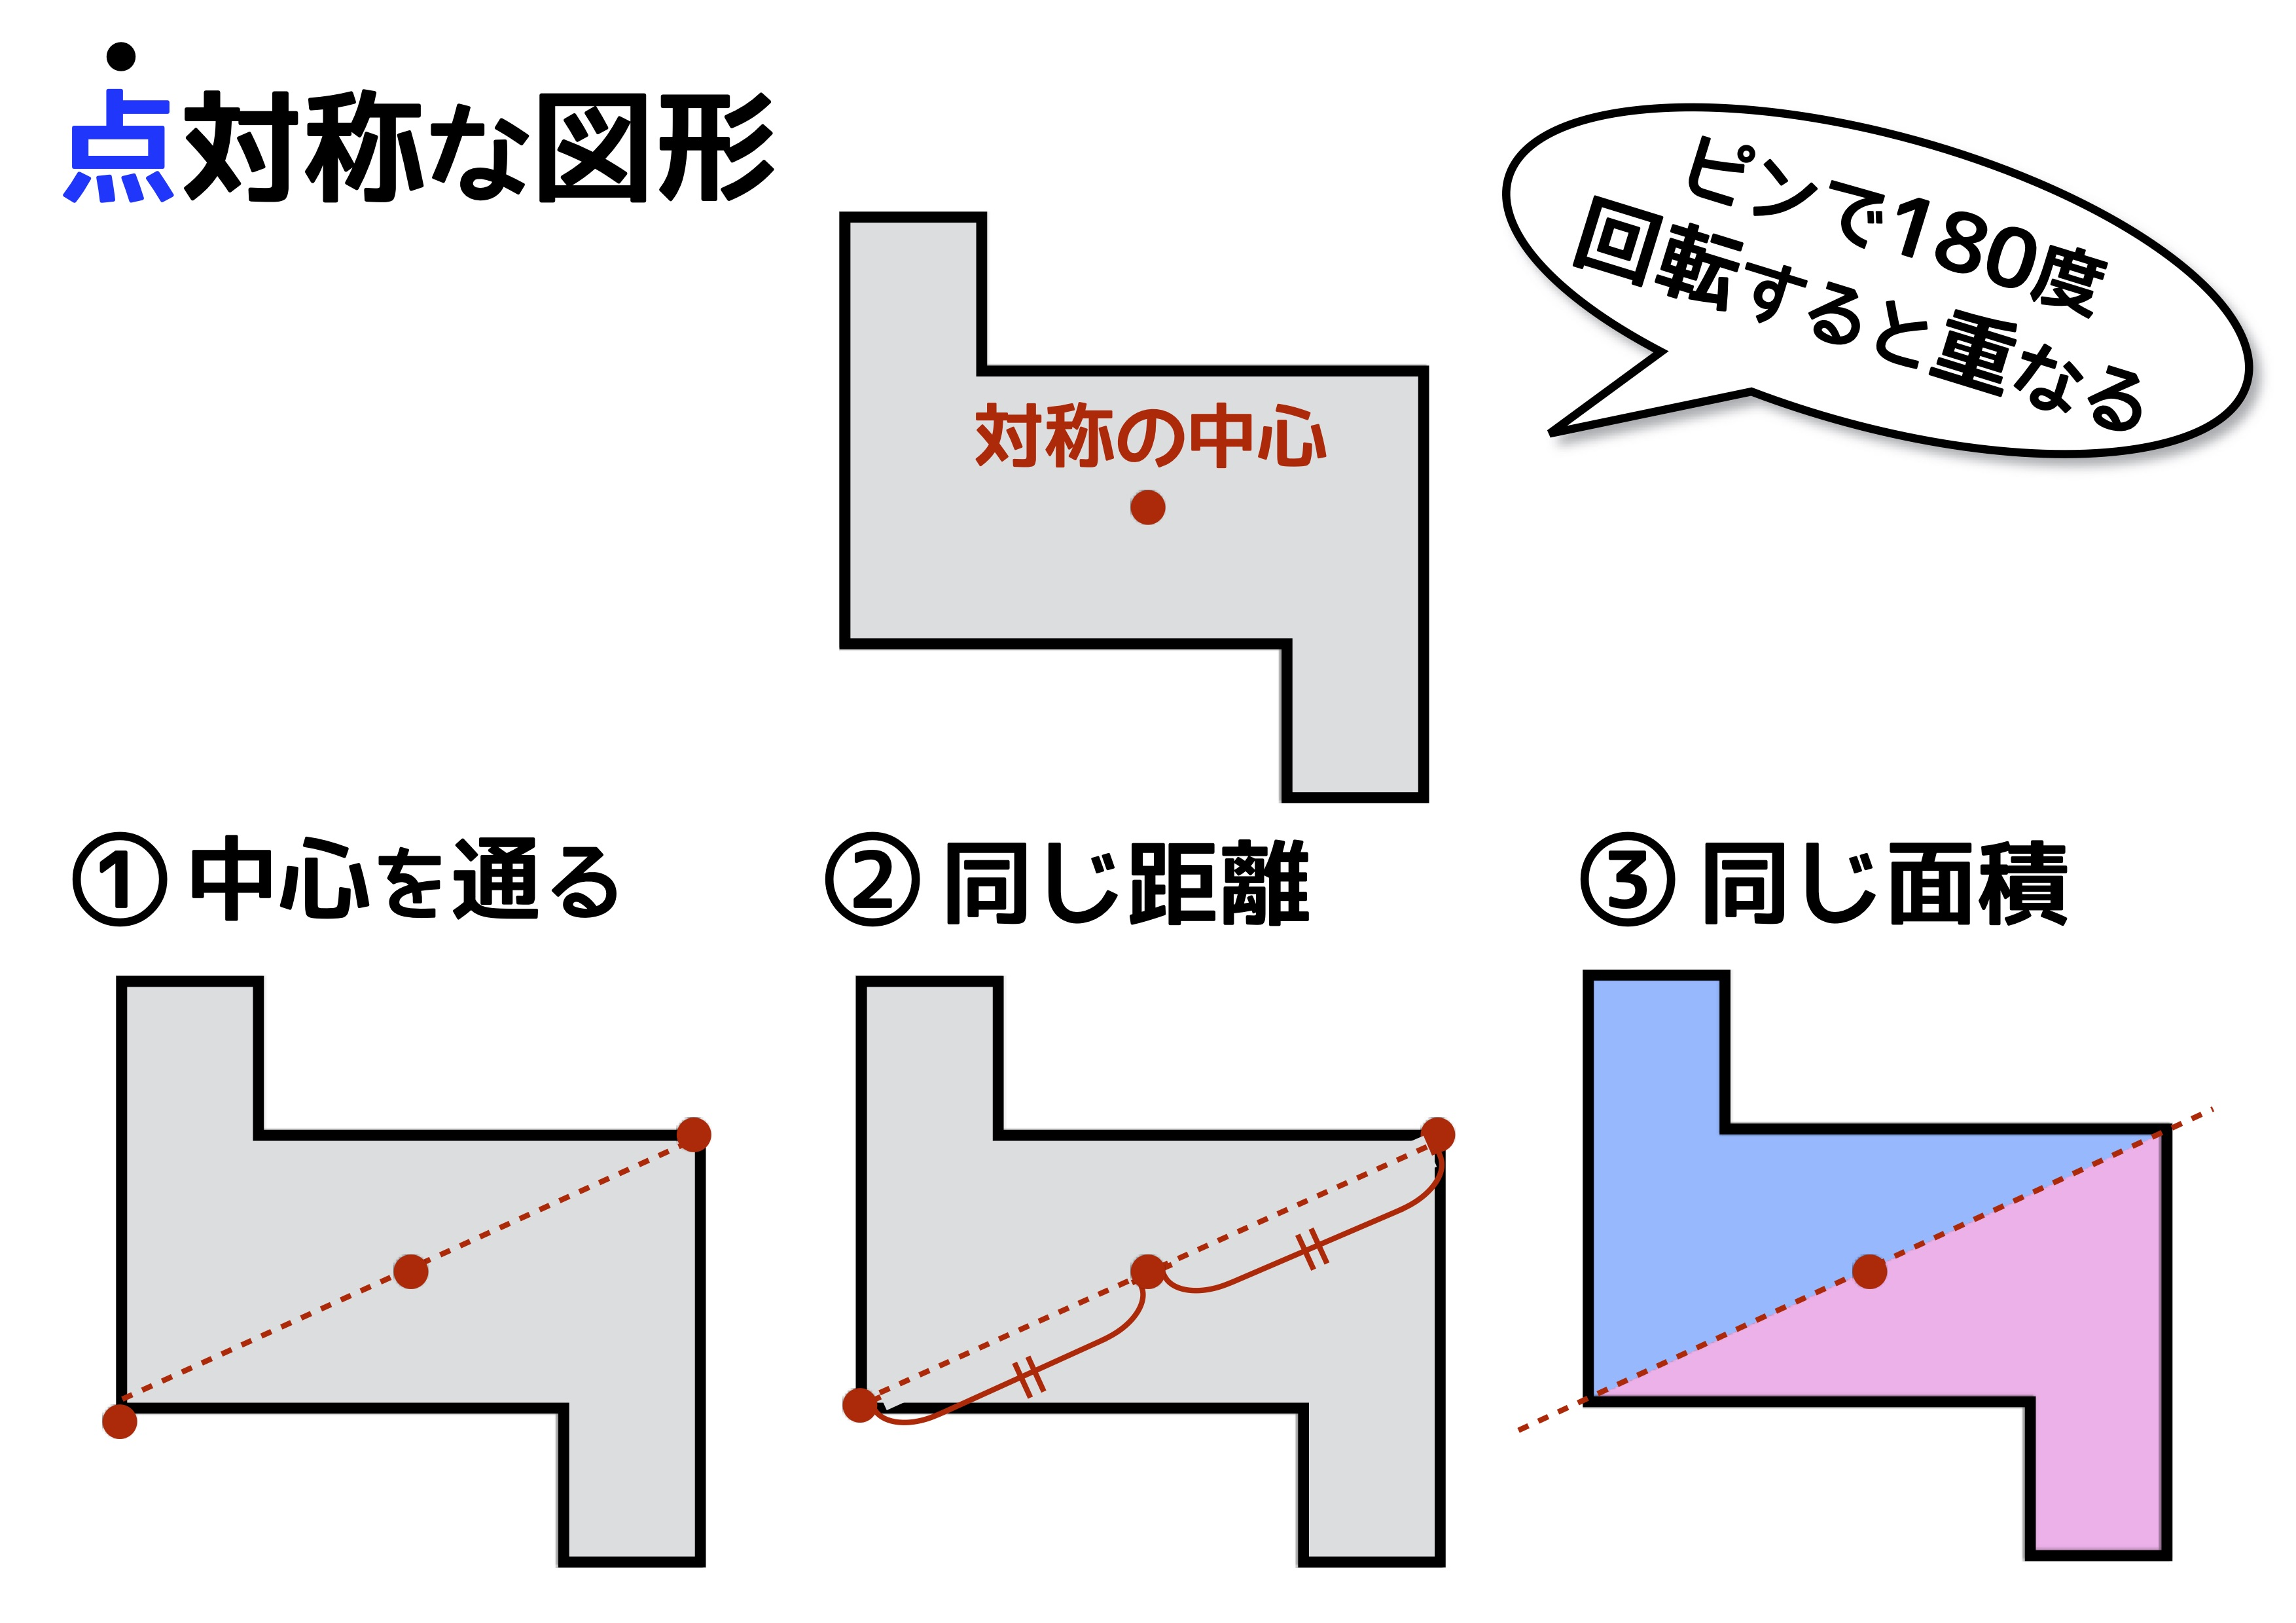 対称 と 点 線 対称